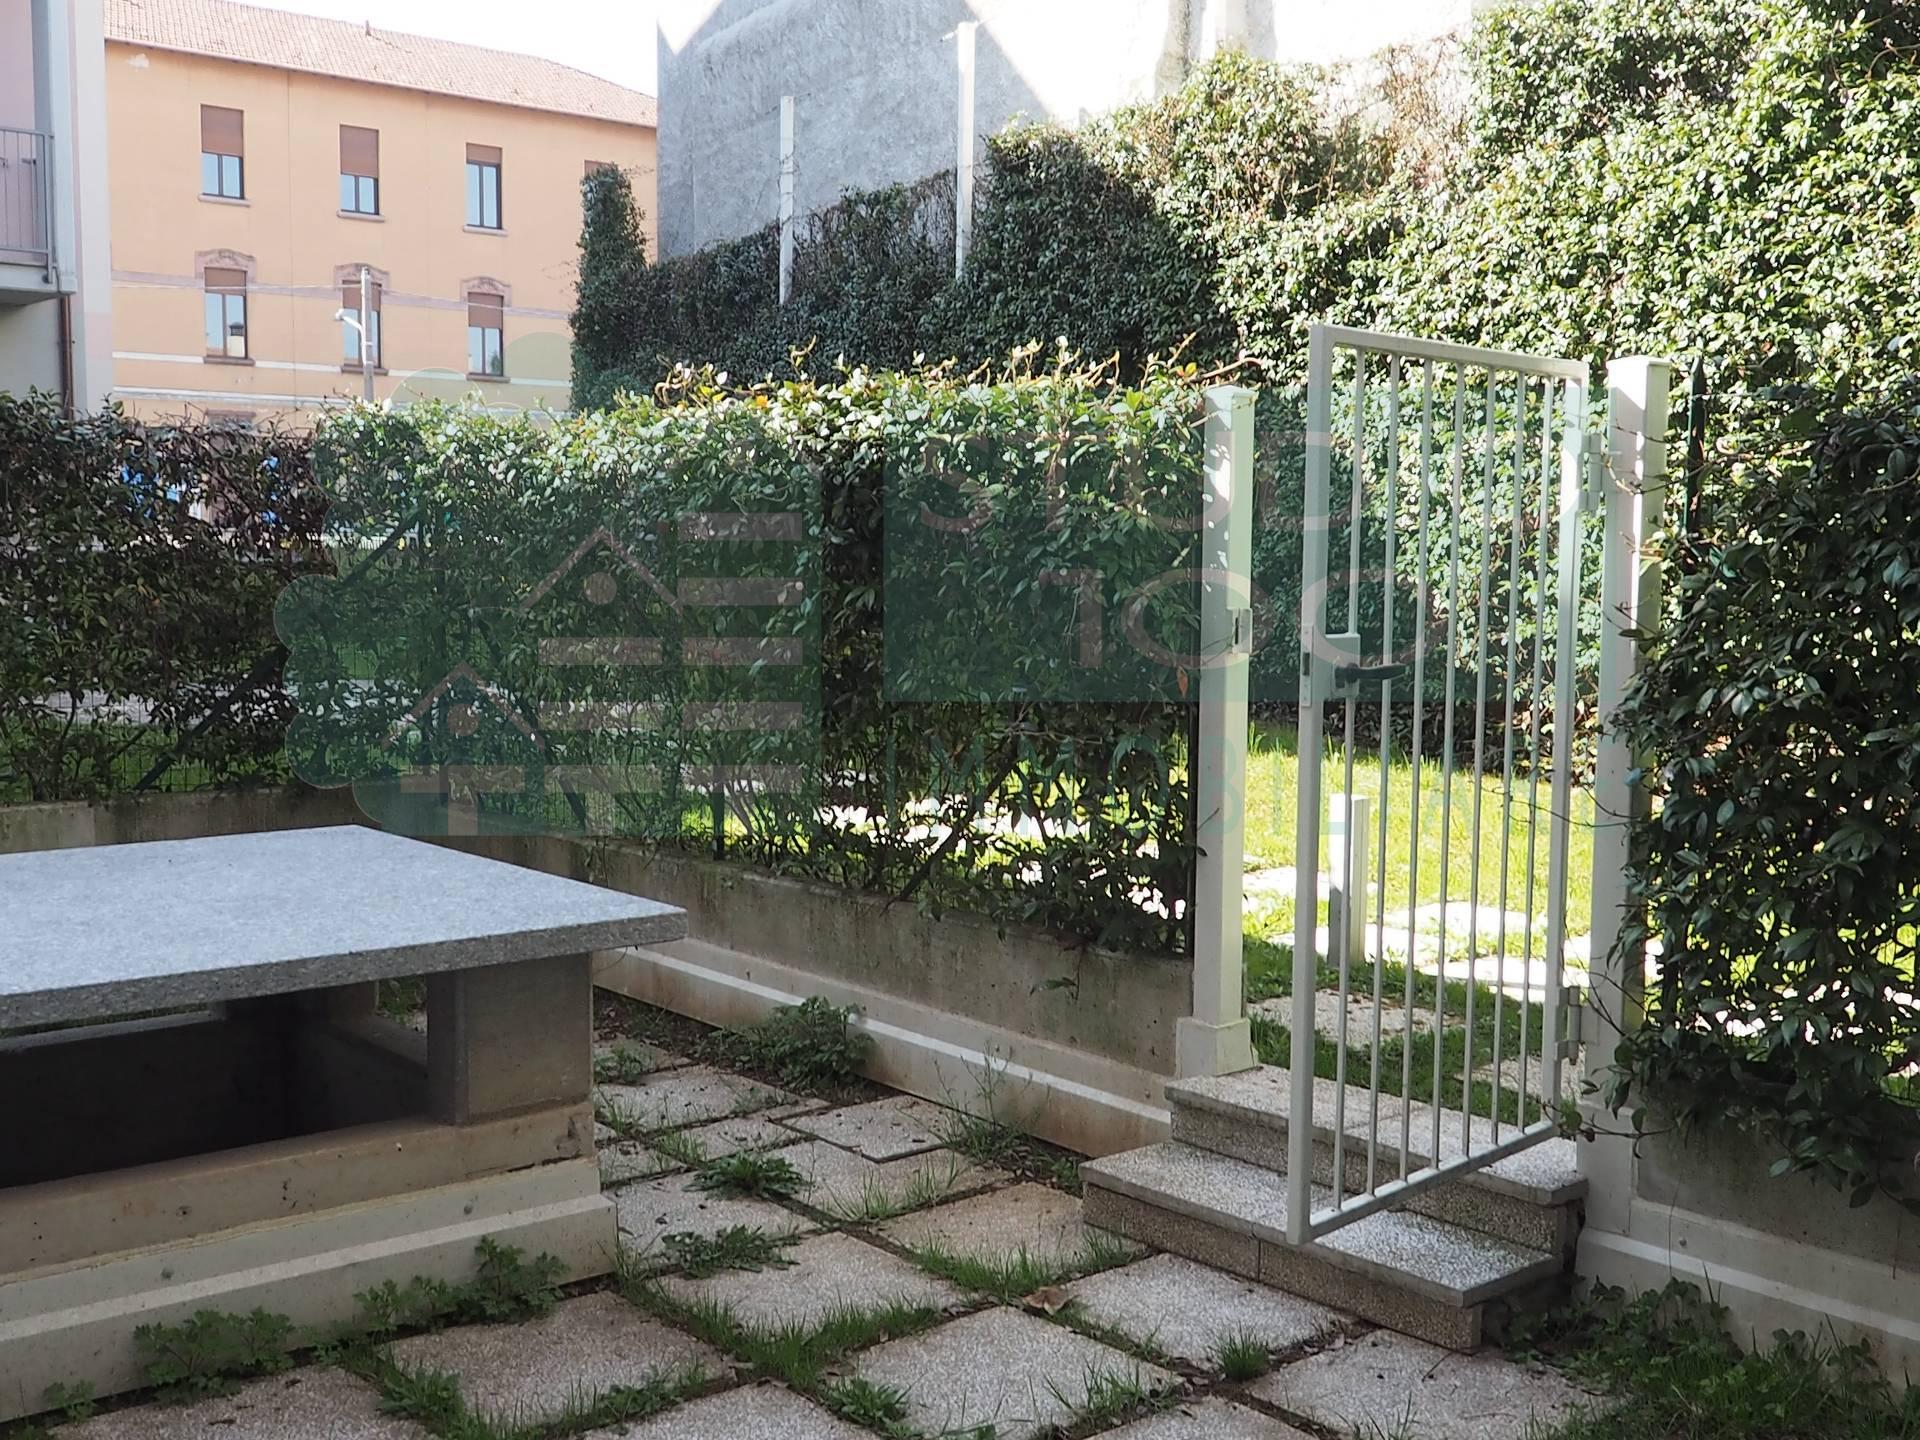 Appartamento in vendita a Casorate Sempione, 2 locali, prezzo € 107.000 | CambioCasa.it